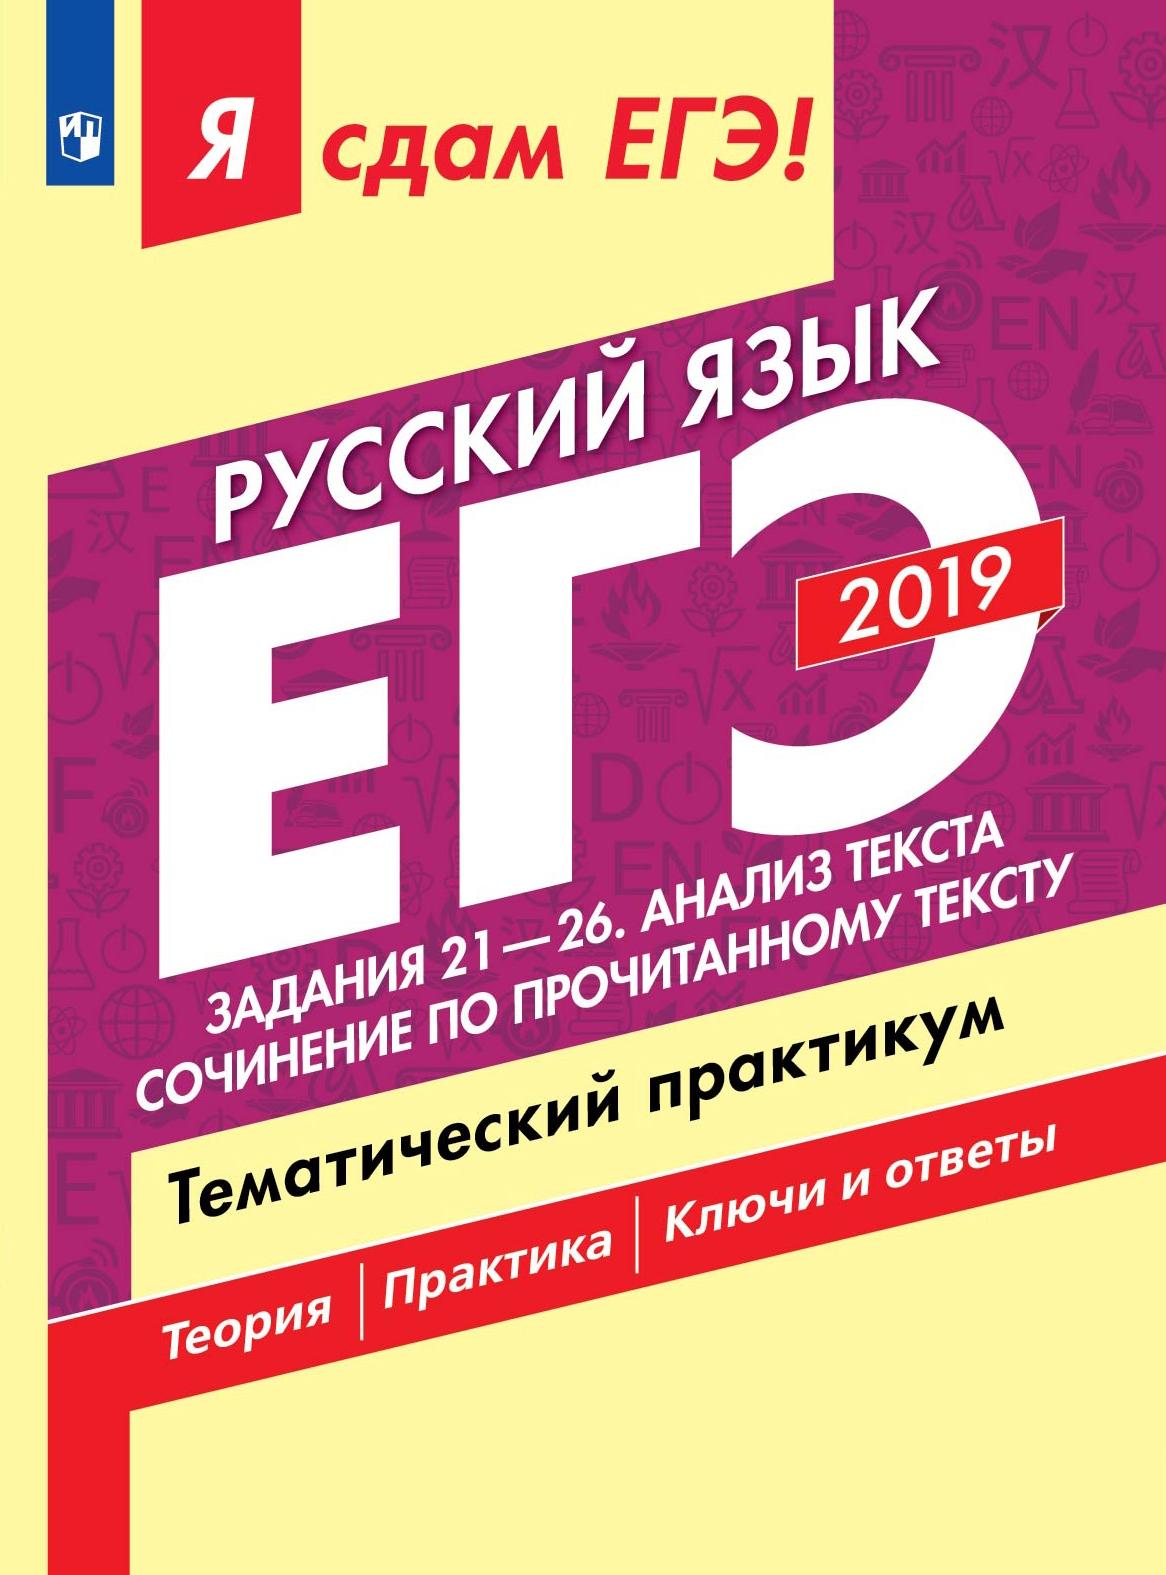 Ege 2020 Russkij Yazyk Tipovye Ekzamenacionnye Varianty 10 Variantov Cybulko I P Ege 2020 Tipovye Ekzamenacionnye Varianty Nacionalnoe Obrazovanie 2020g Kupit V Internet Magazine Za 168r